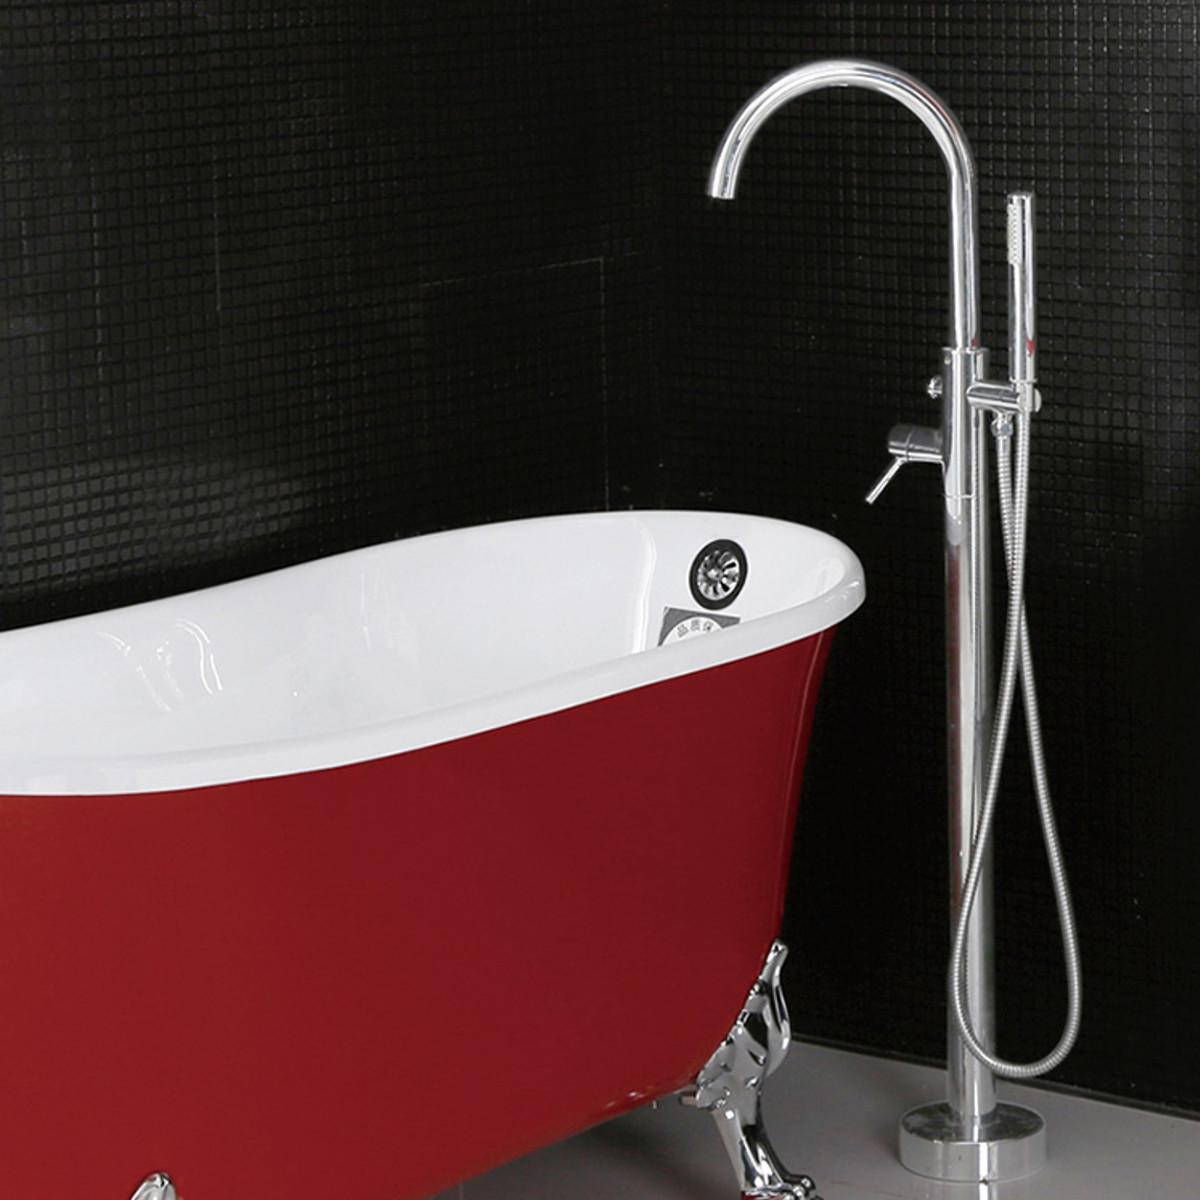 Хромированный круглый круглый отдельно стоящий кран Ванная комната Смеситель для ванны с душем - фото 1